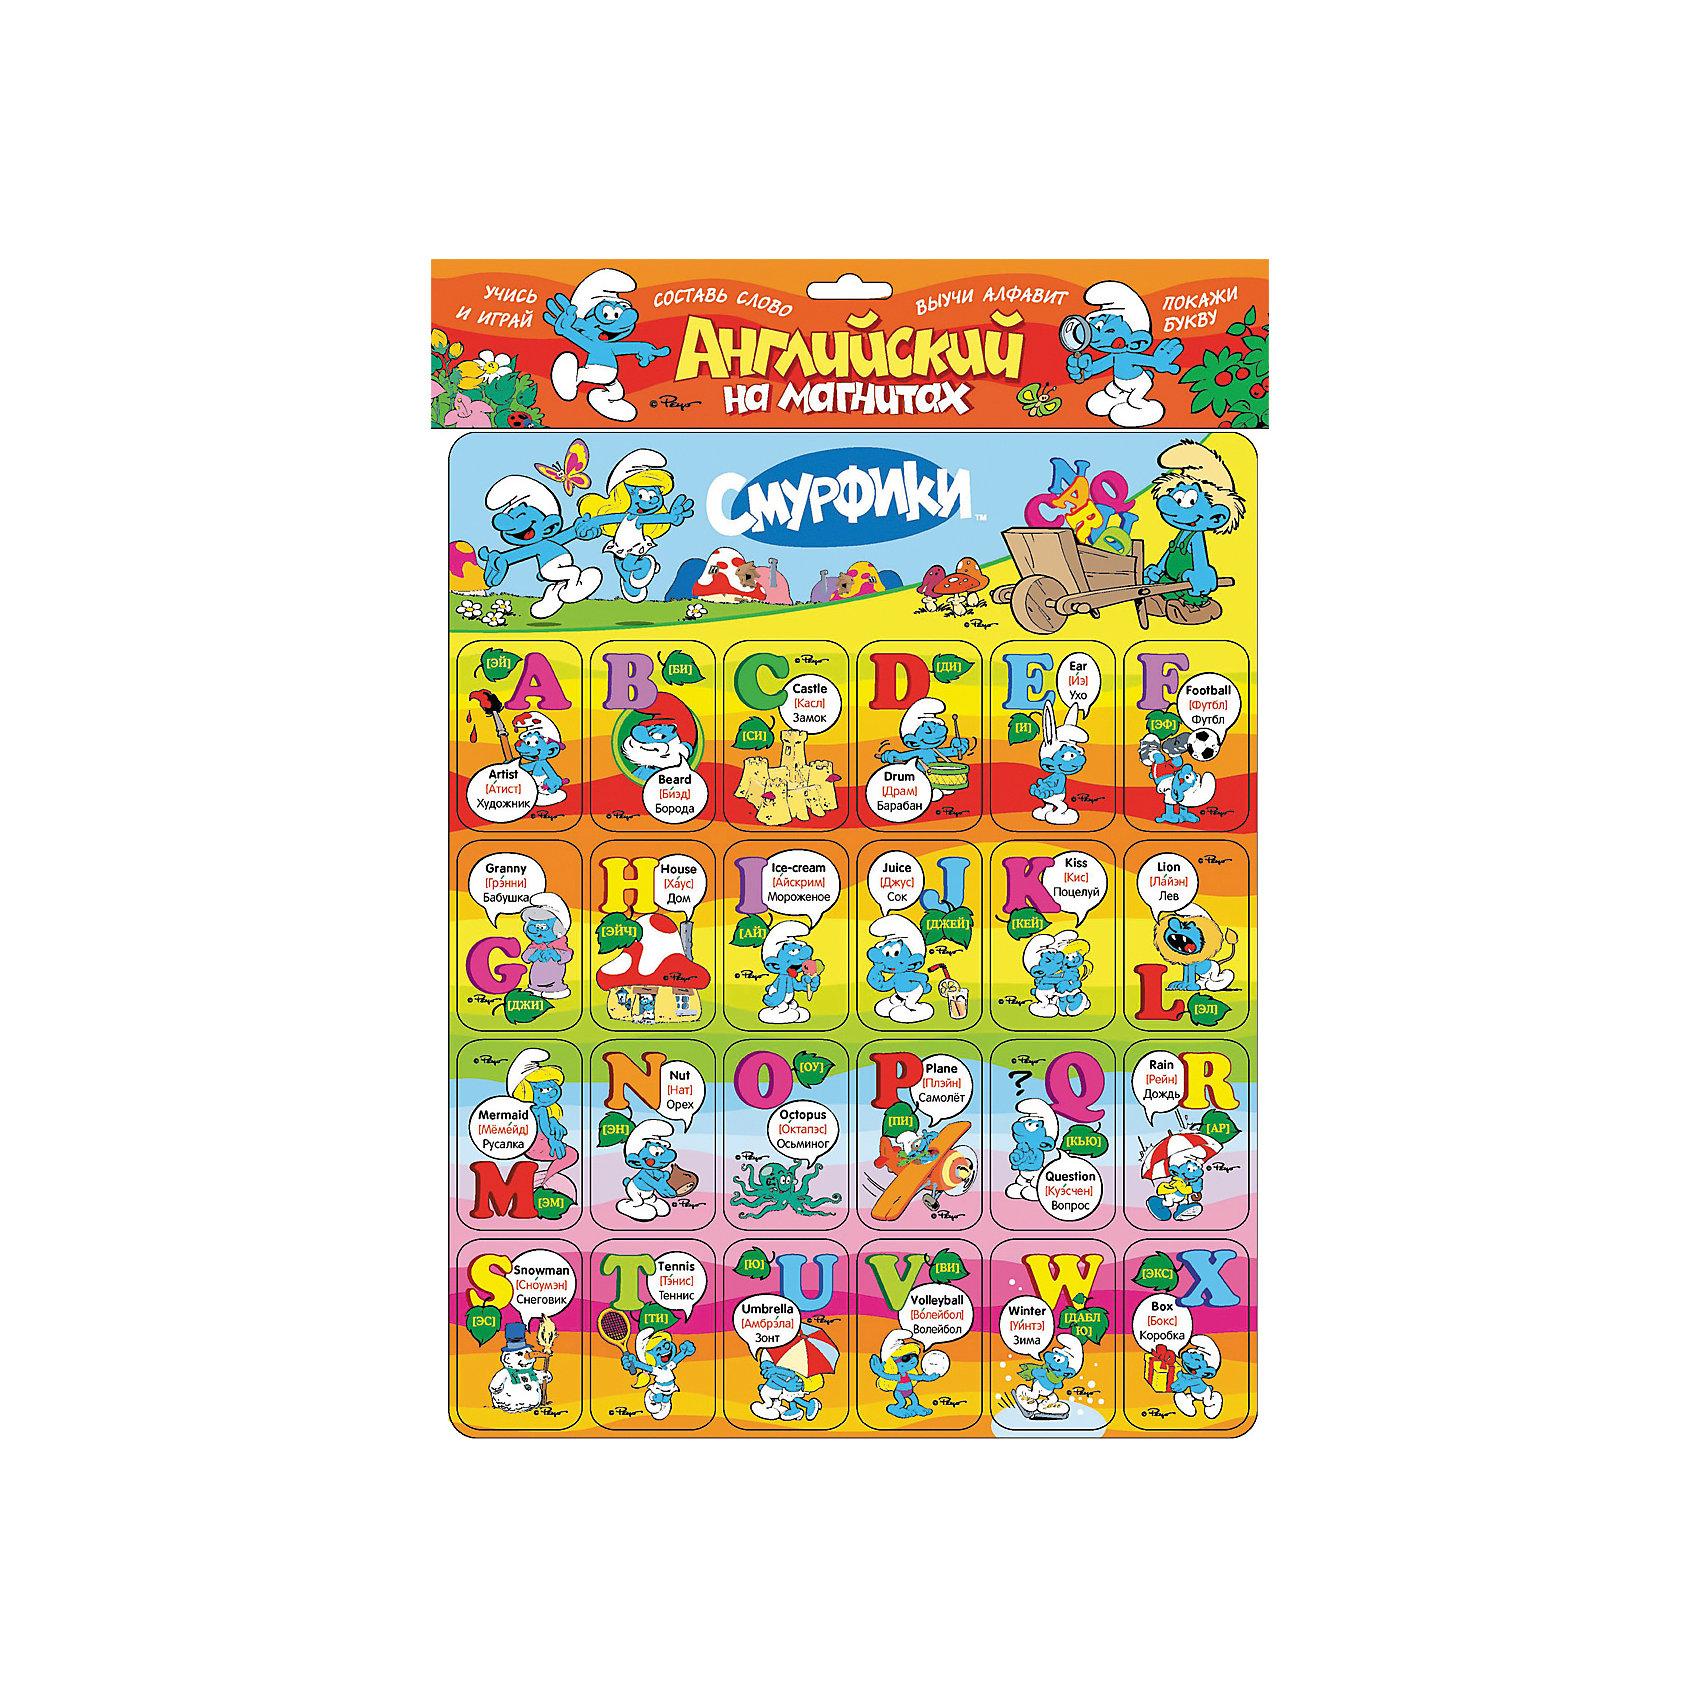 Английский алфавит на магнитах, СмурфикиОбучающие книги<br>Английский алфавит на магнитах, Смурфики<br><br>Характеристики:<br>- количество магнитов: 24<br>- формат: 30 * 1 * 31 см.<br>- Иллюстрации: цветные<br>- вес: 178 гр.<br><br>Английская азбука с героями известного мультфильма синими смурфиками сделает изучение нового алфавита еще веселее. Магниты можно перемещать на свое усмотрение и составлять на любимом холодильнике простые слова. Карточки помогут развить визуальную память, моторику рук и воображение. Фанаты мультфильма особенно оценят эту азбуку, ведь учиться с любимыми героями вдвойне веселее и увлекательнее. В набор входят и магниты со смурфиками. Необычный подход к изучению алфавита поможет привлечь внимание ребенка и принести больше результатов. <br>Английский алфавит на магнитах, Смурфики можно купить в нашем интернет-магазине.<br>Подробнее:<br>• Для детей в возрасте: от 3 до 7 лет<br>• Номер товара: 5109579<br>Страна производитель: Российская Федерация<br><br>Ширина мм: 310<br>Глубина мм: 300<br>Высота мм: 2<br>Вес г: 178<br>Возраст от месяцев: 36<br>Возраст до месяцев: 72<br>Пол: Унисекс<br>Возраст: Детский<br>SKU: 5109579